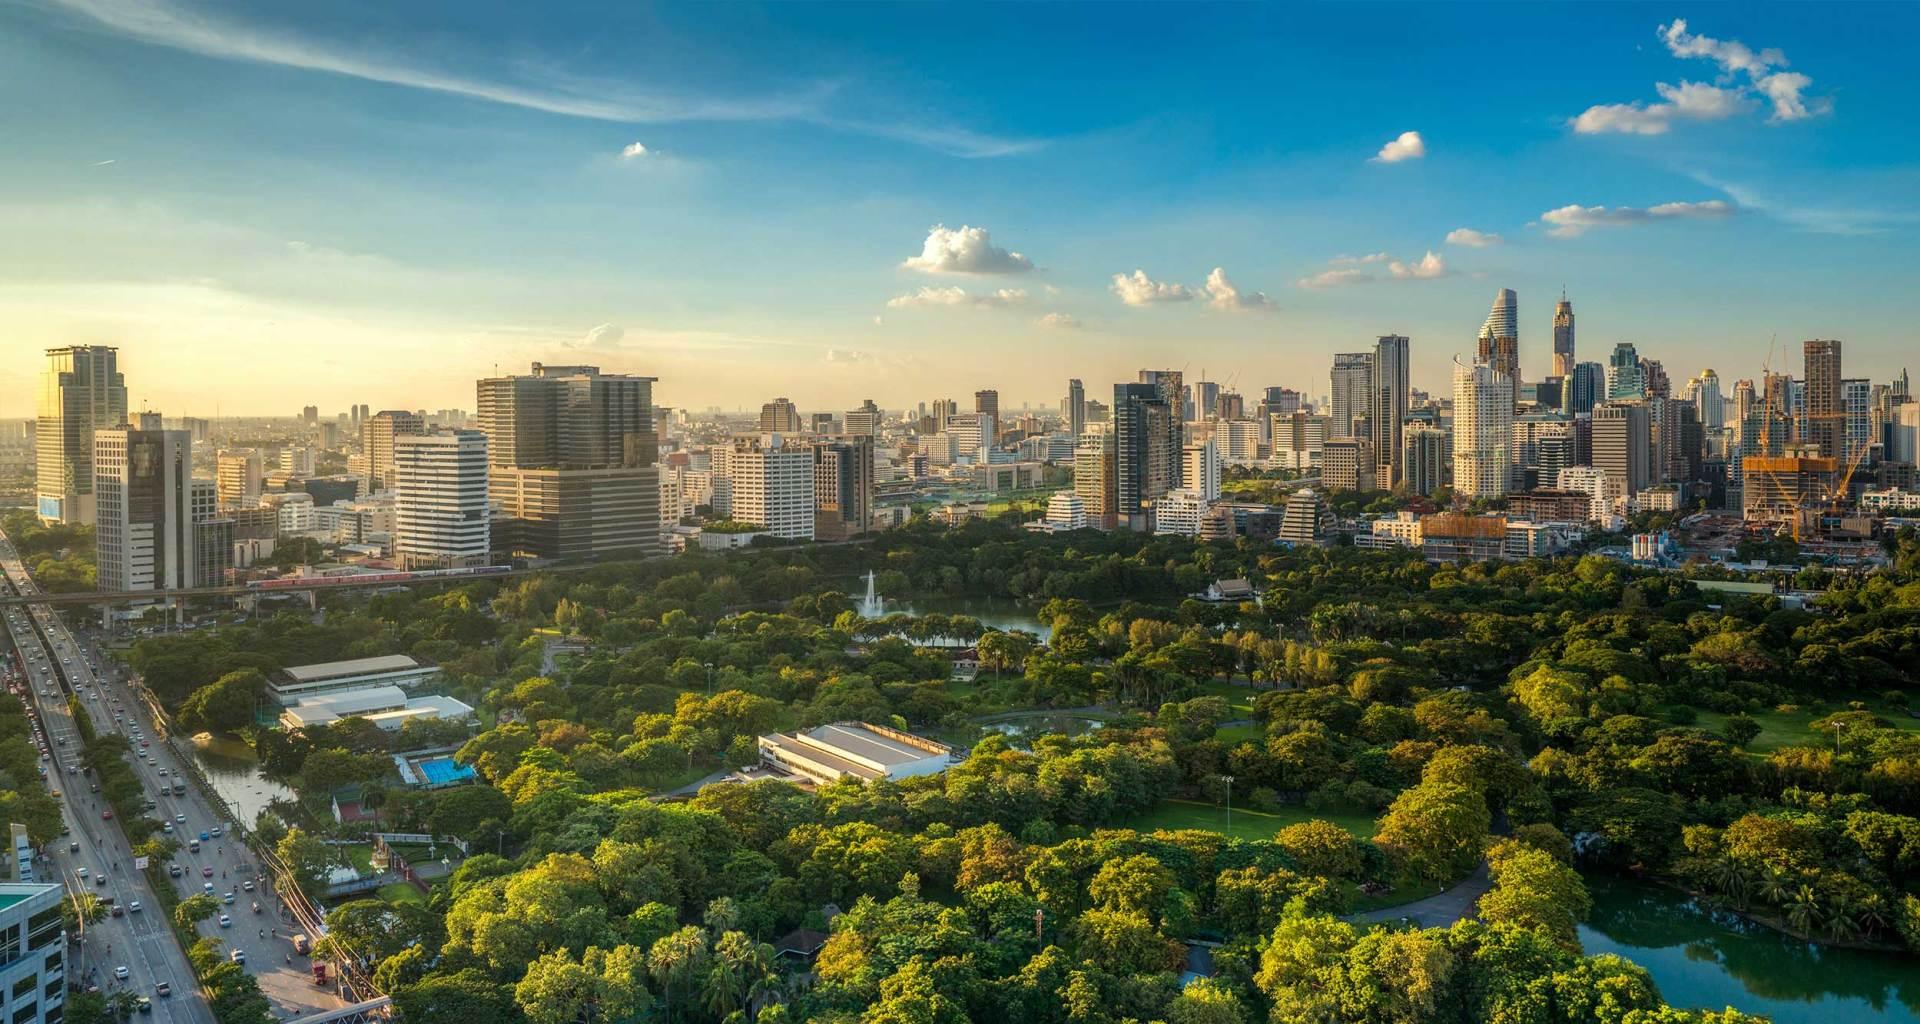 Bangkok, Thailand skyline.